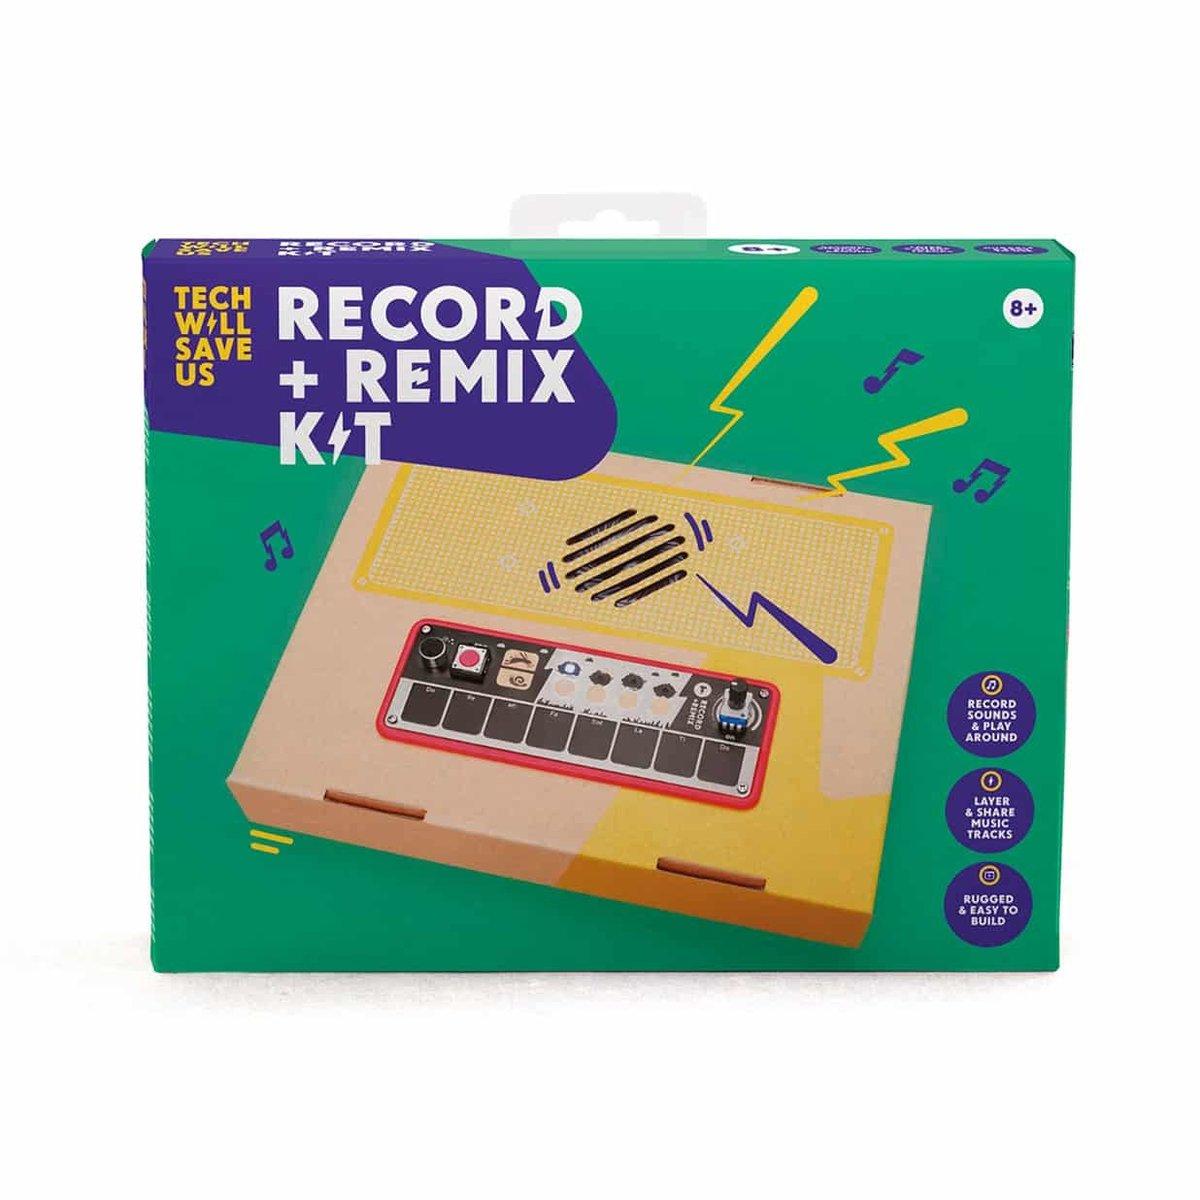 UK STEM Toy -Record & Remix Kit